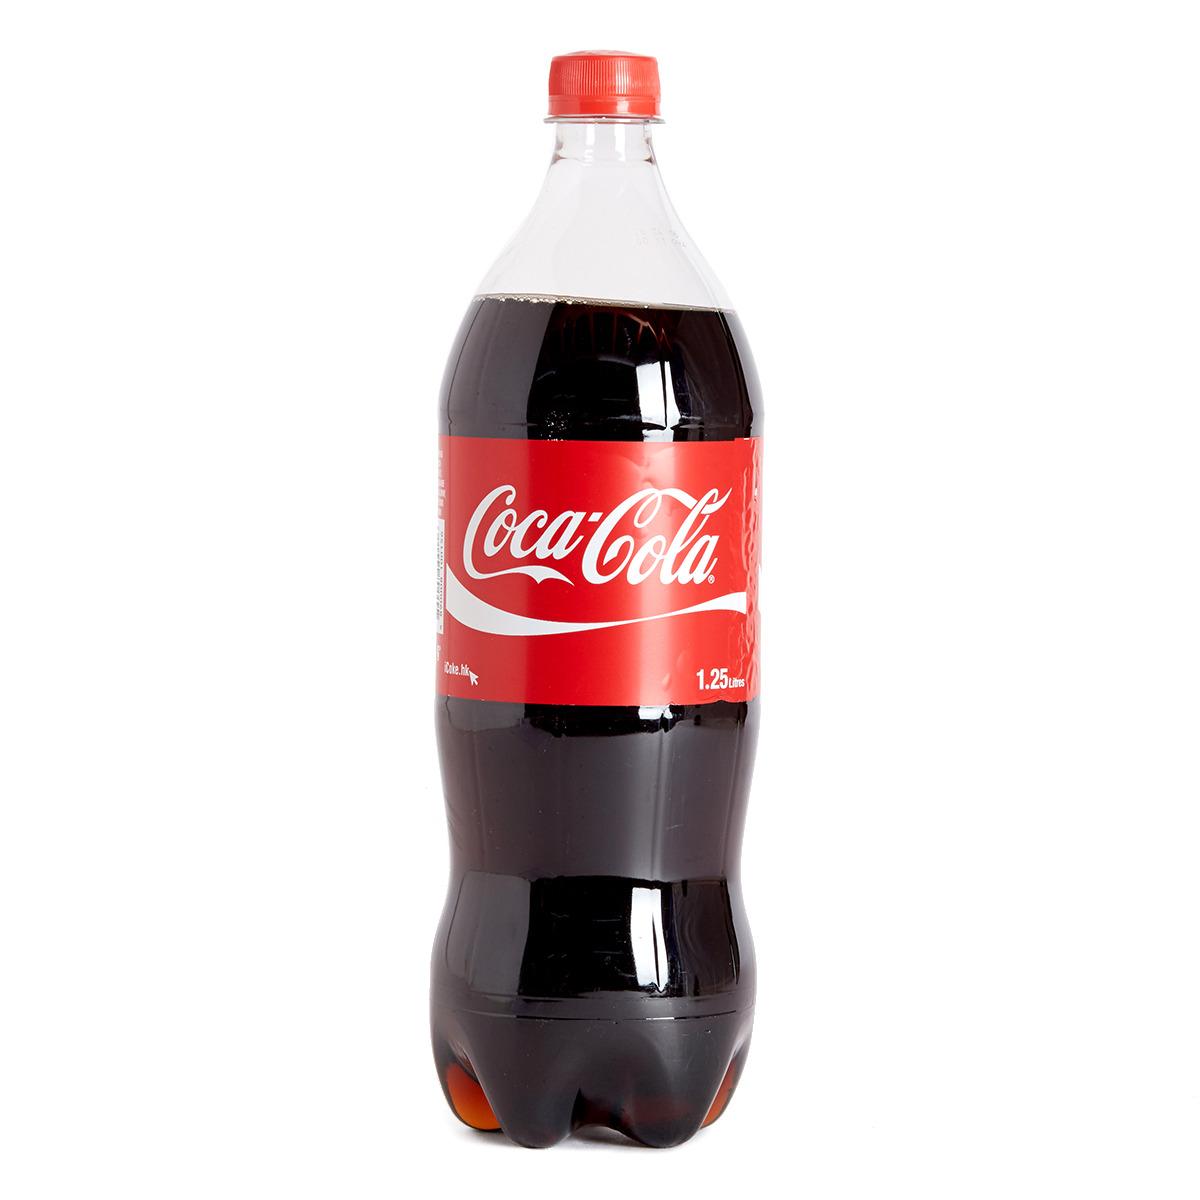 膠樽裝可口可樂汽水